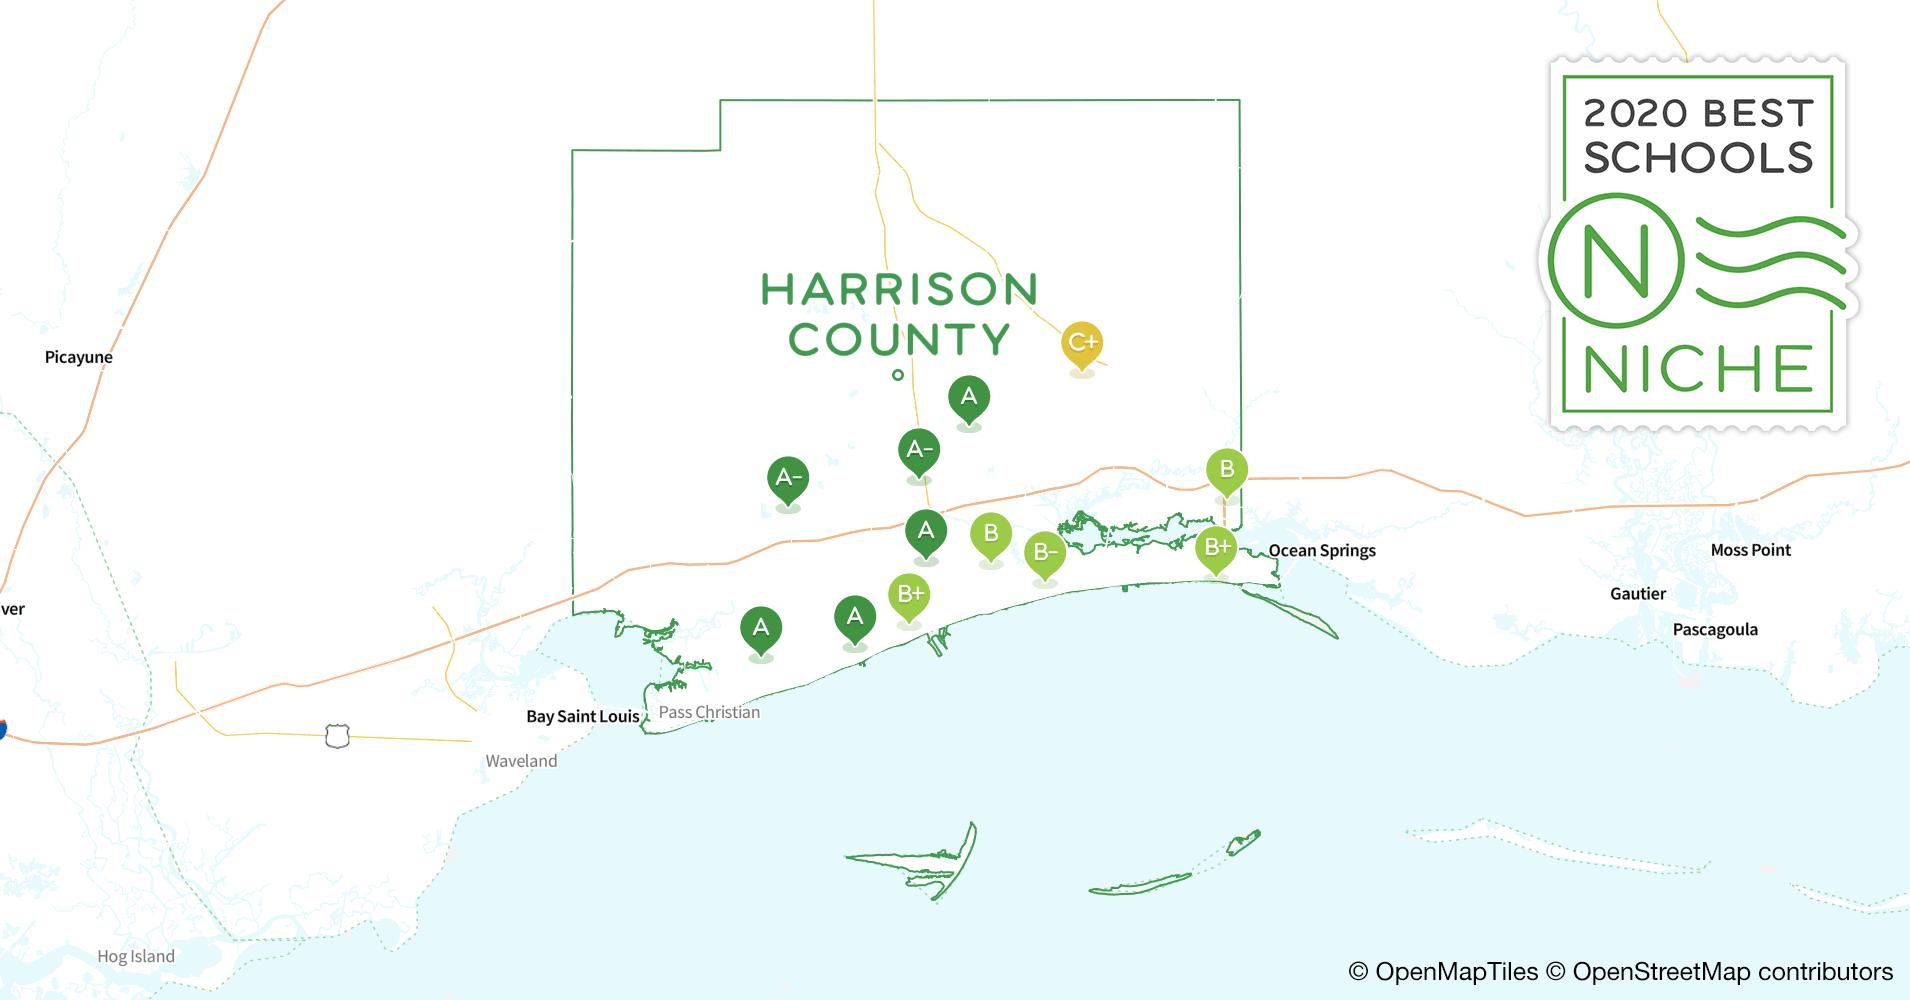 2020 Best Public Elementary Schools In Harrison County Ms Niche